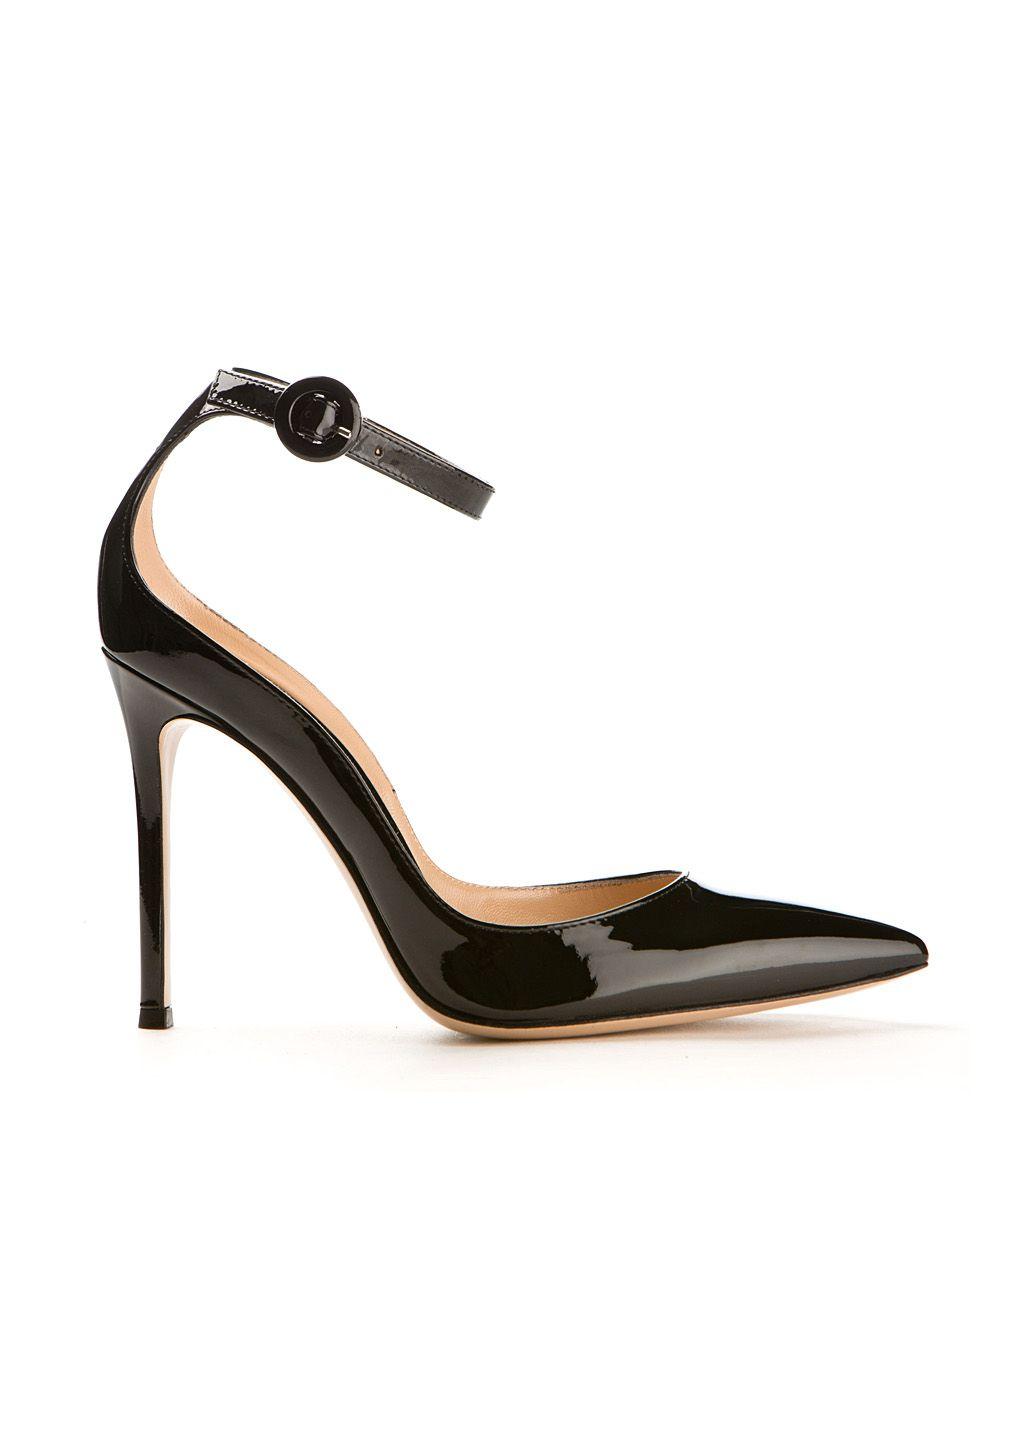 GIANVITO ROSSI Gianvito Rossi Sofia Black Patent Leather Pumps. #gianvitorossi #shoes #